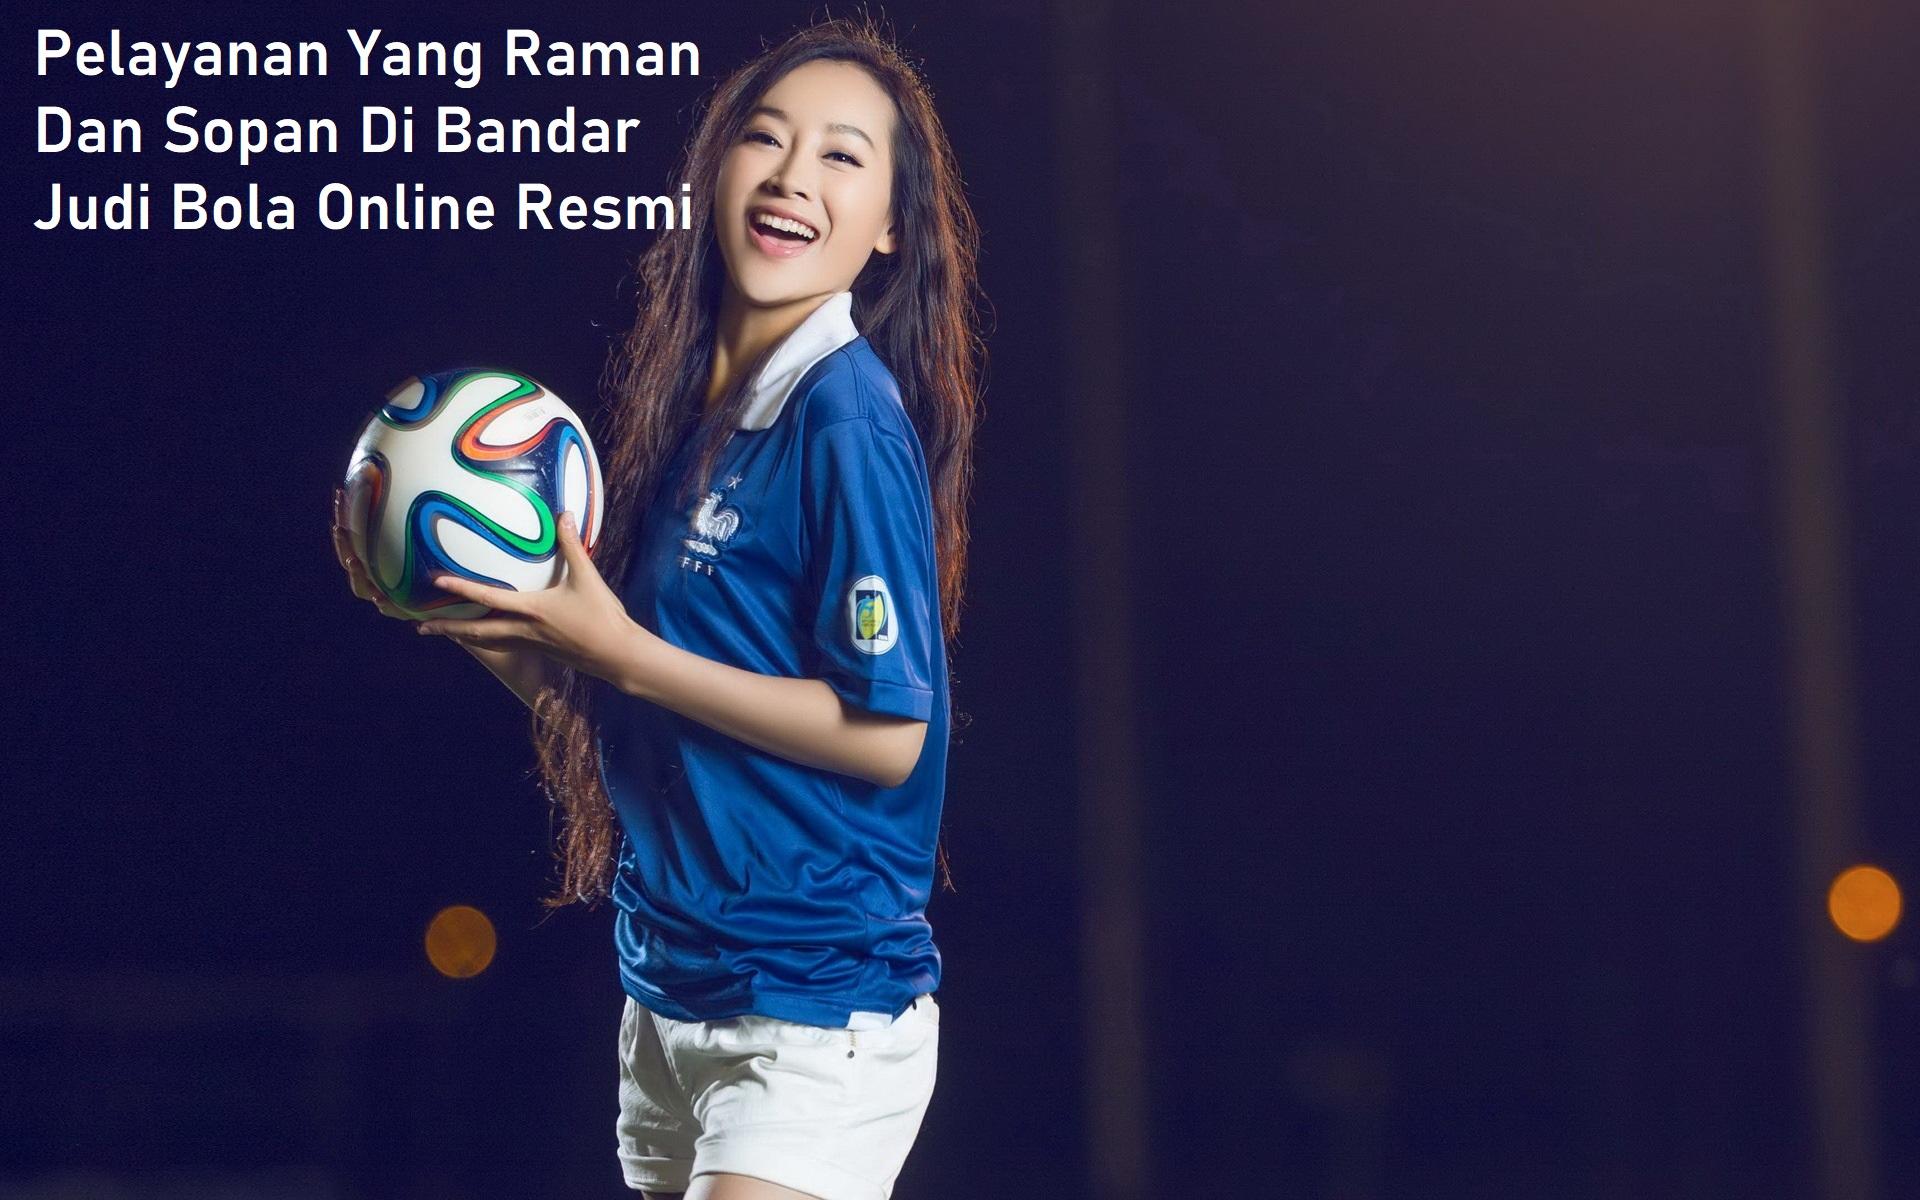 Pelayanan Yang Raman Dan Sopan Di Bandar Judi Bola Online Resmi